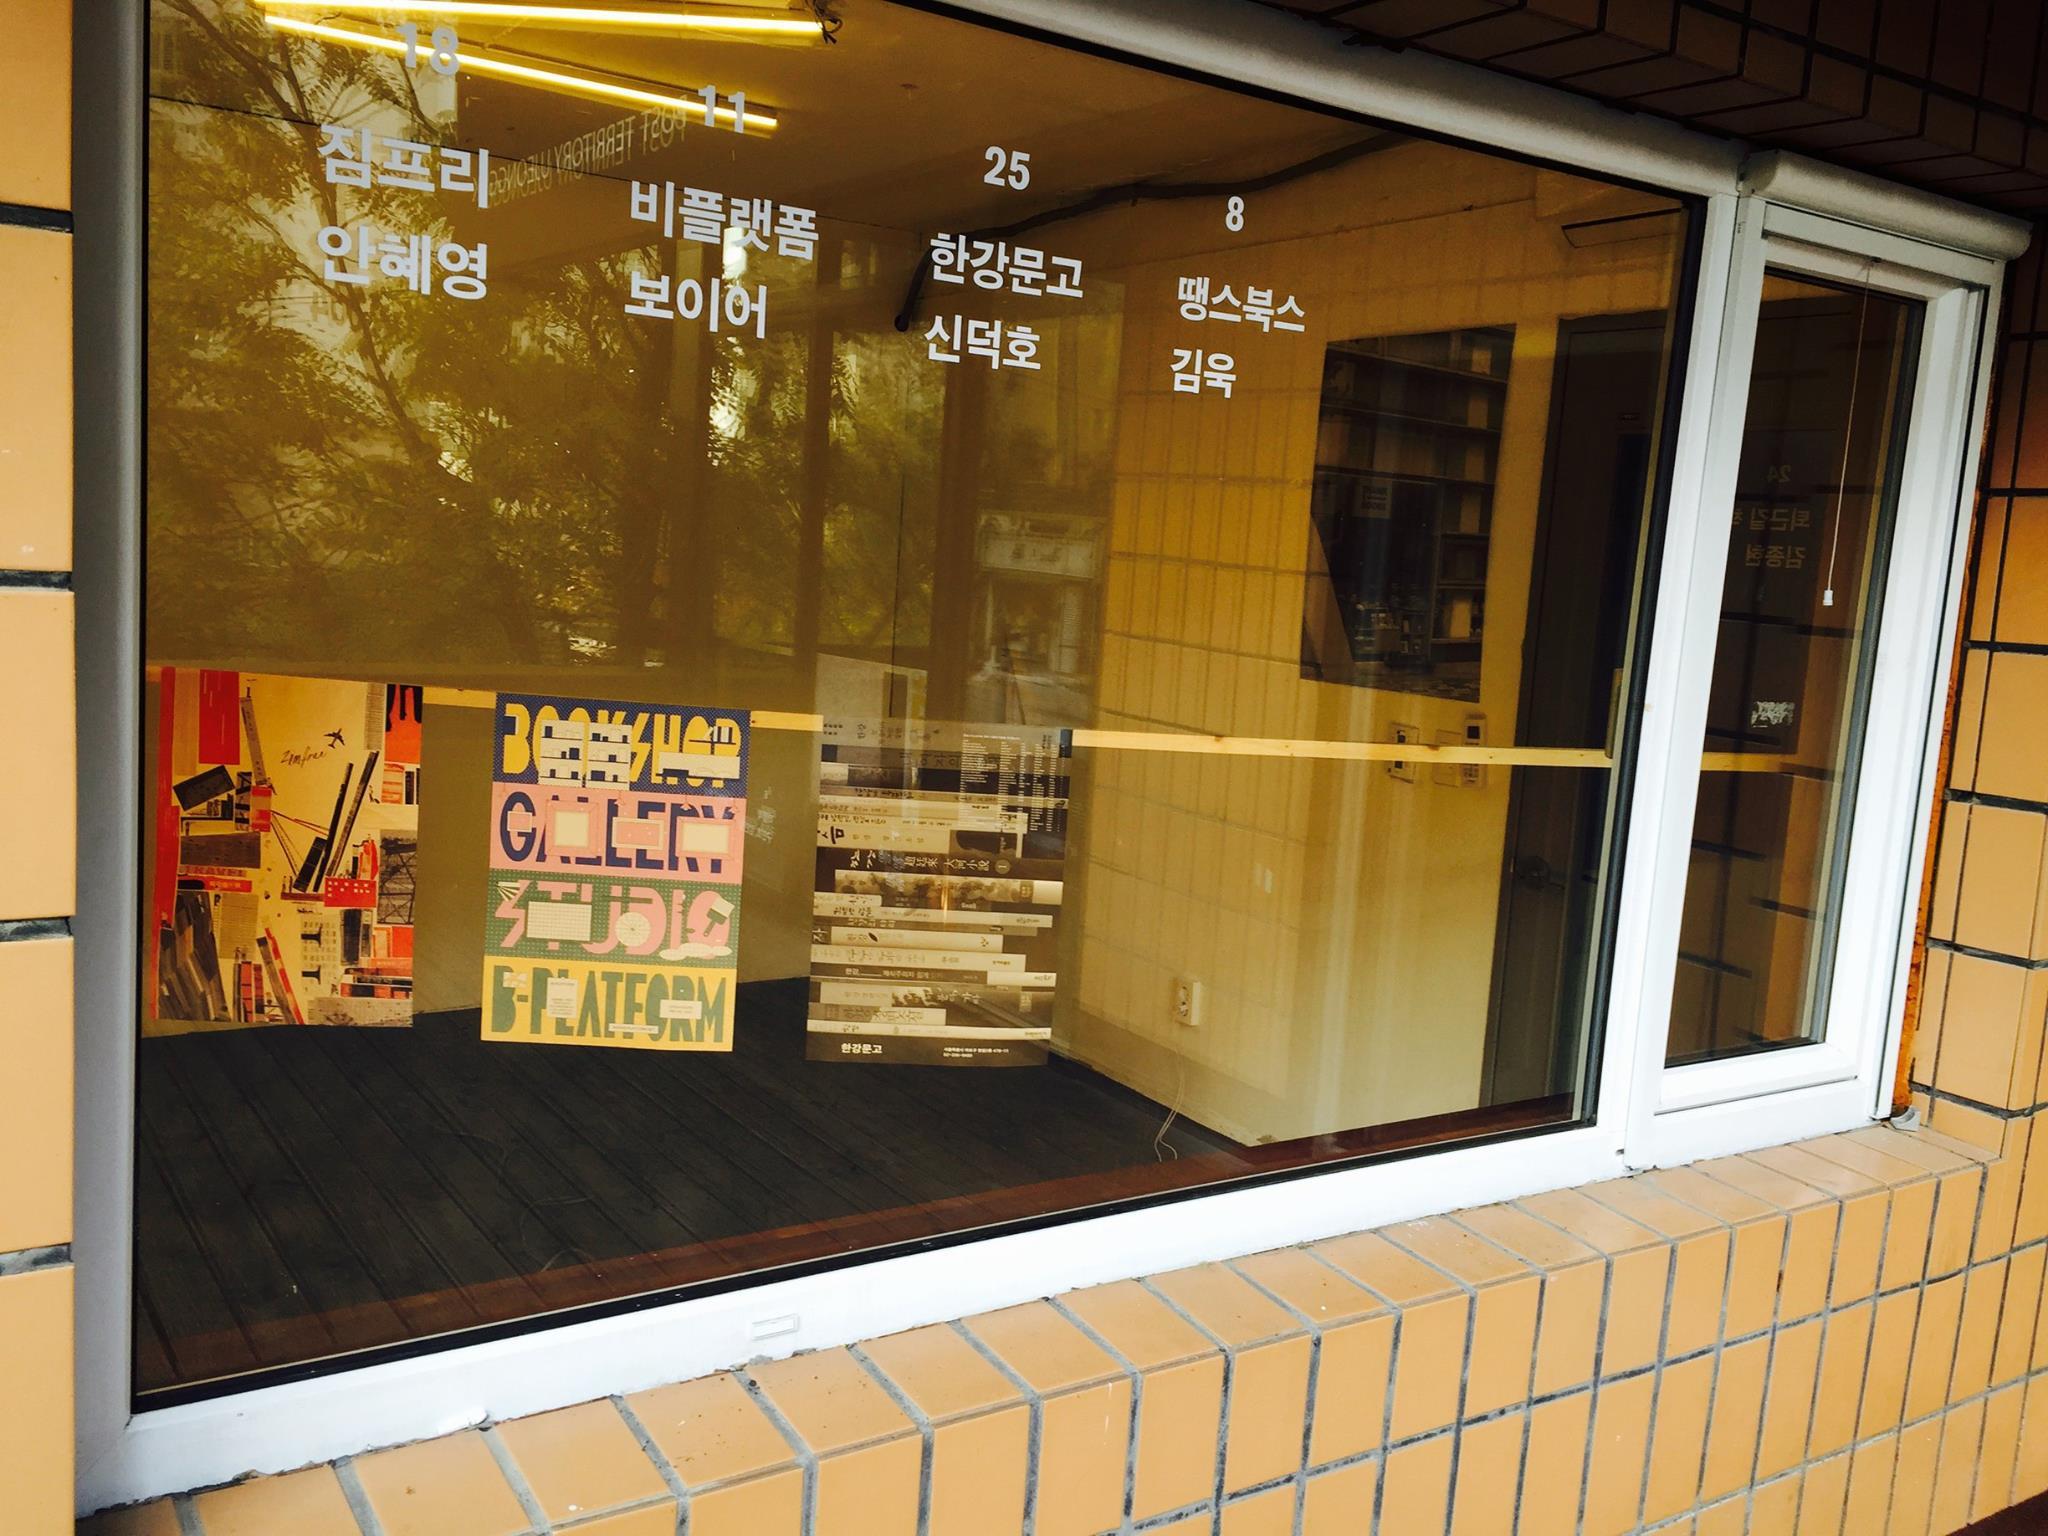 서점을 위한 포스터'전 Posters for Bookshops 2층 설치 전경